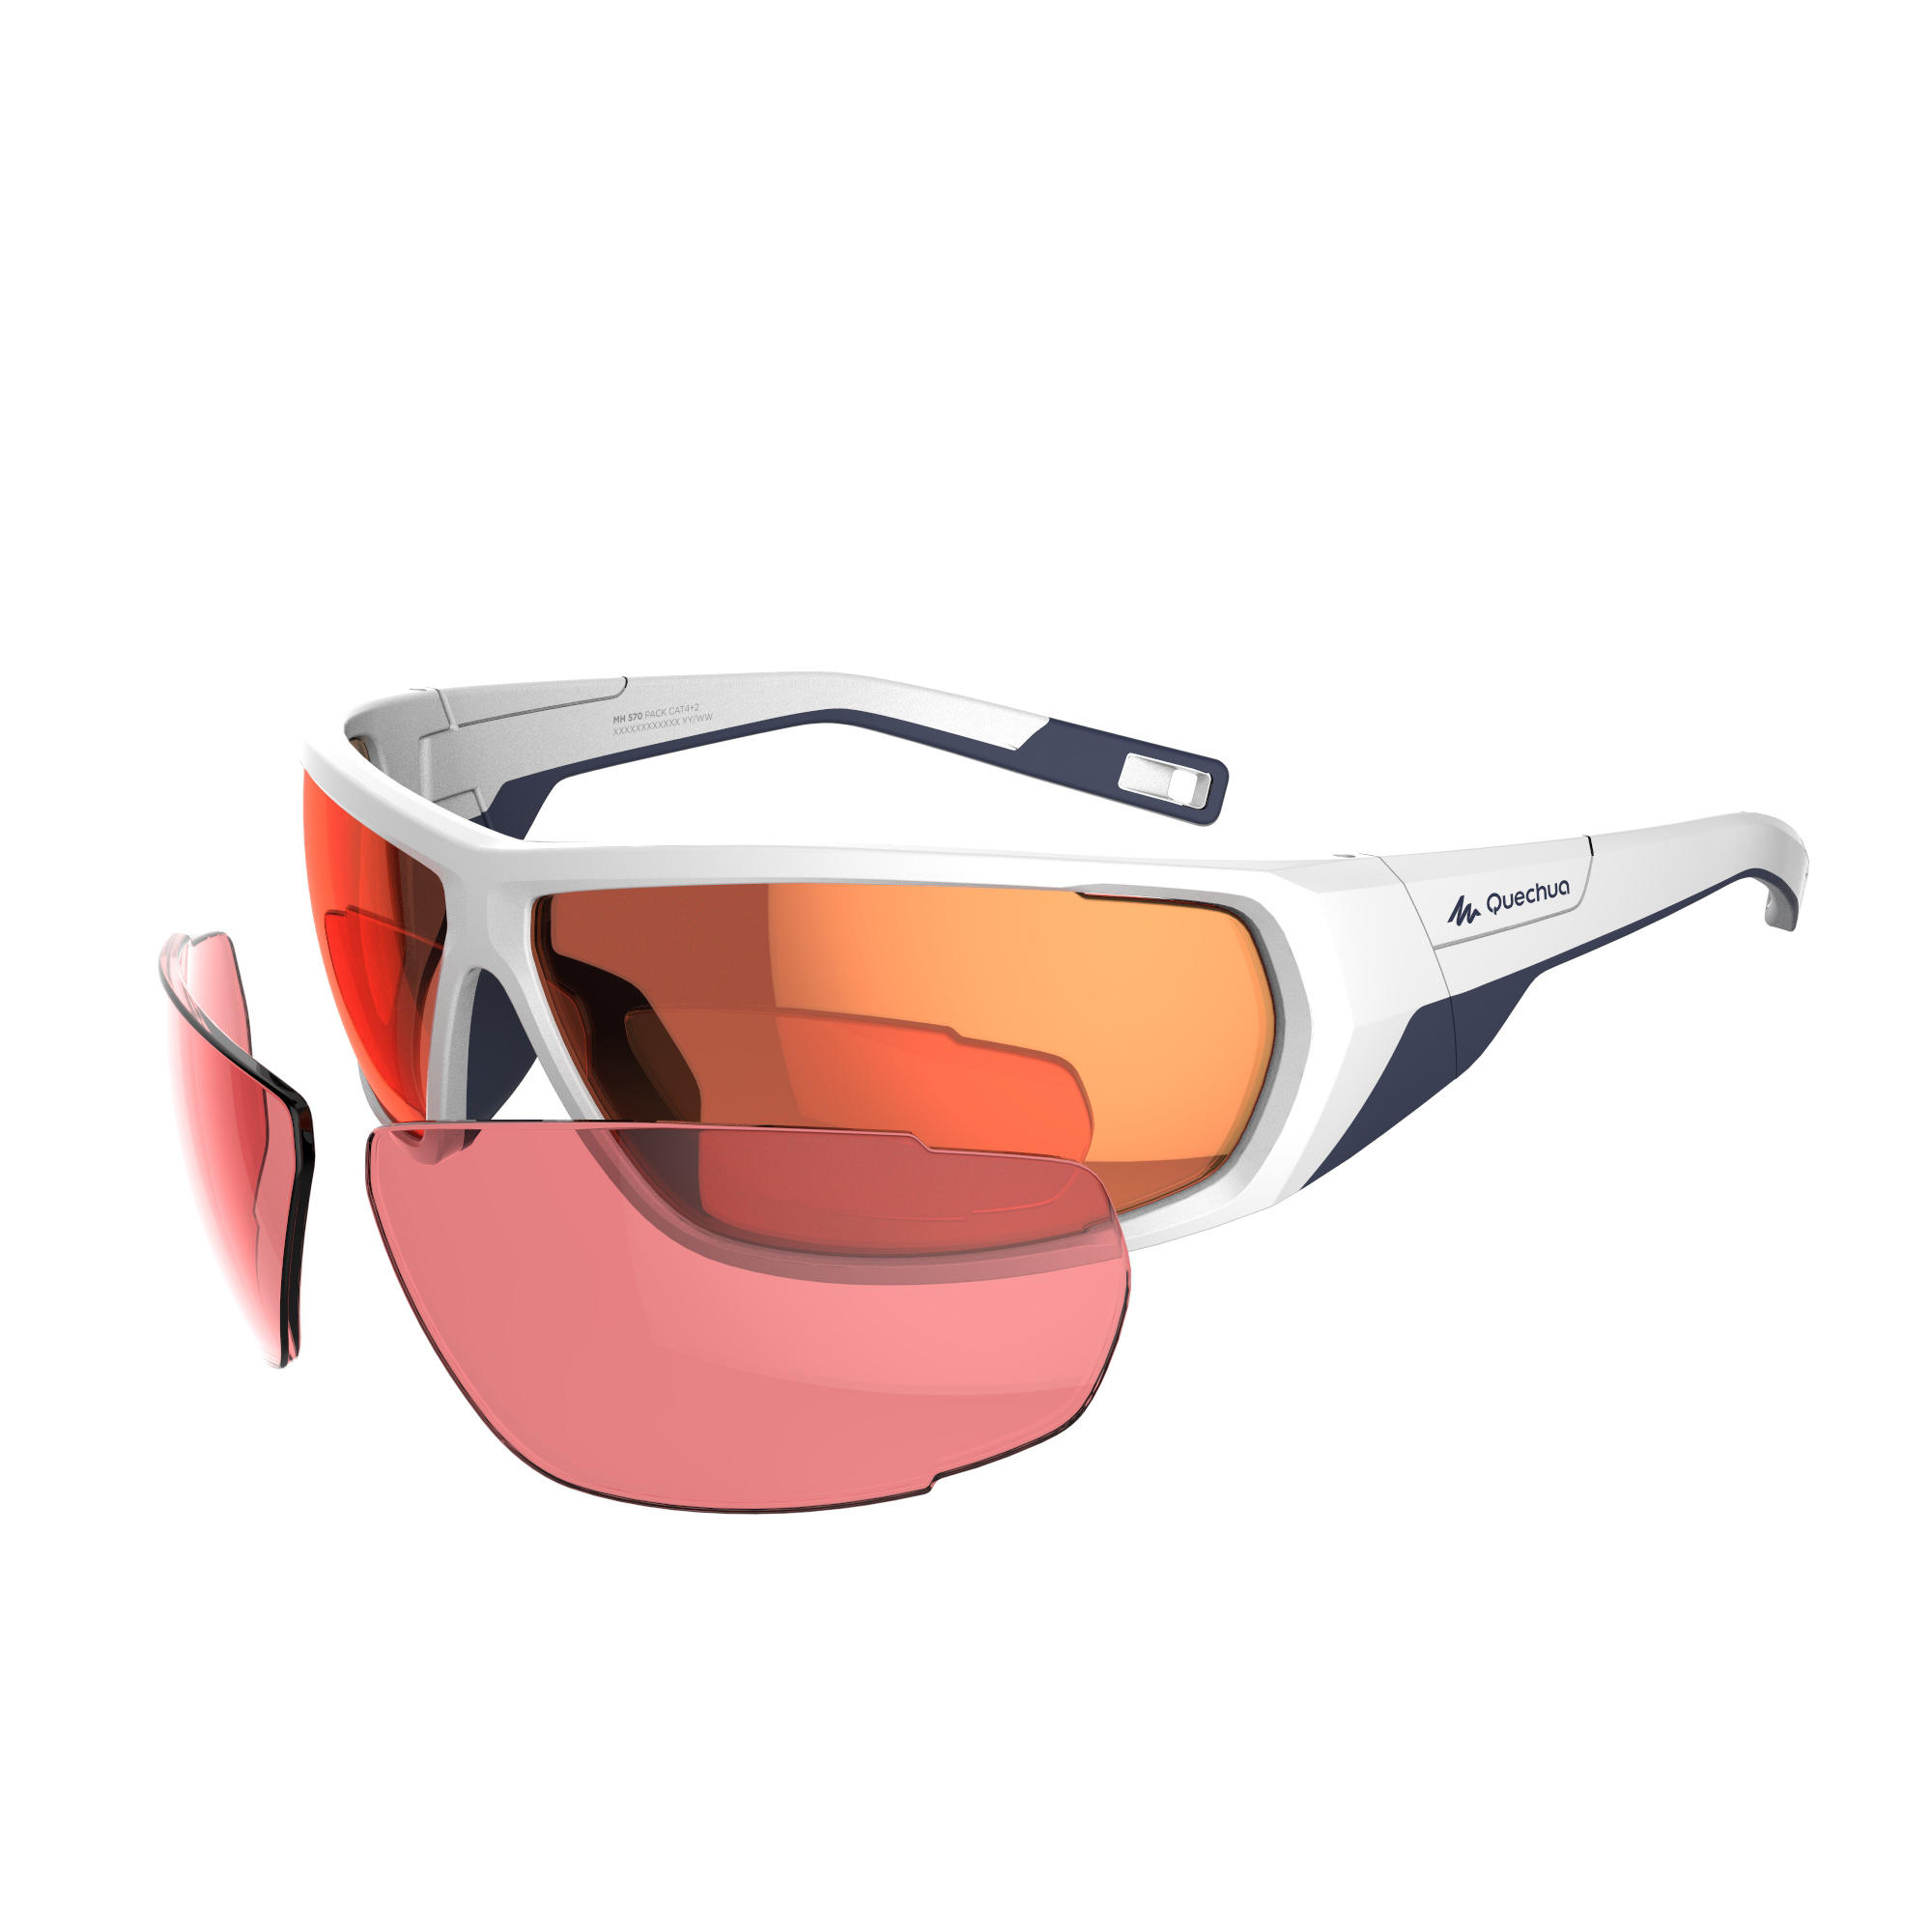 Quechua Wandelzonnebril voor volwassenen MH 570 wit/oranje - 2 verwisselbare glazen